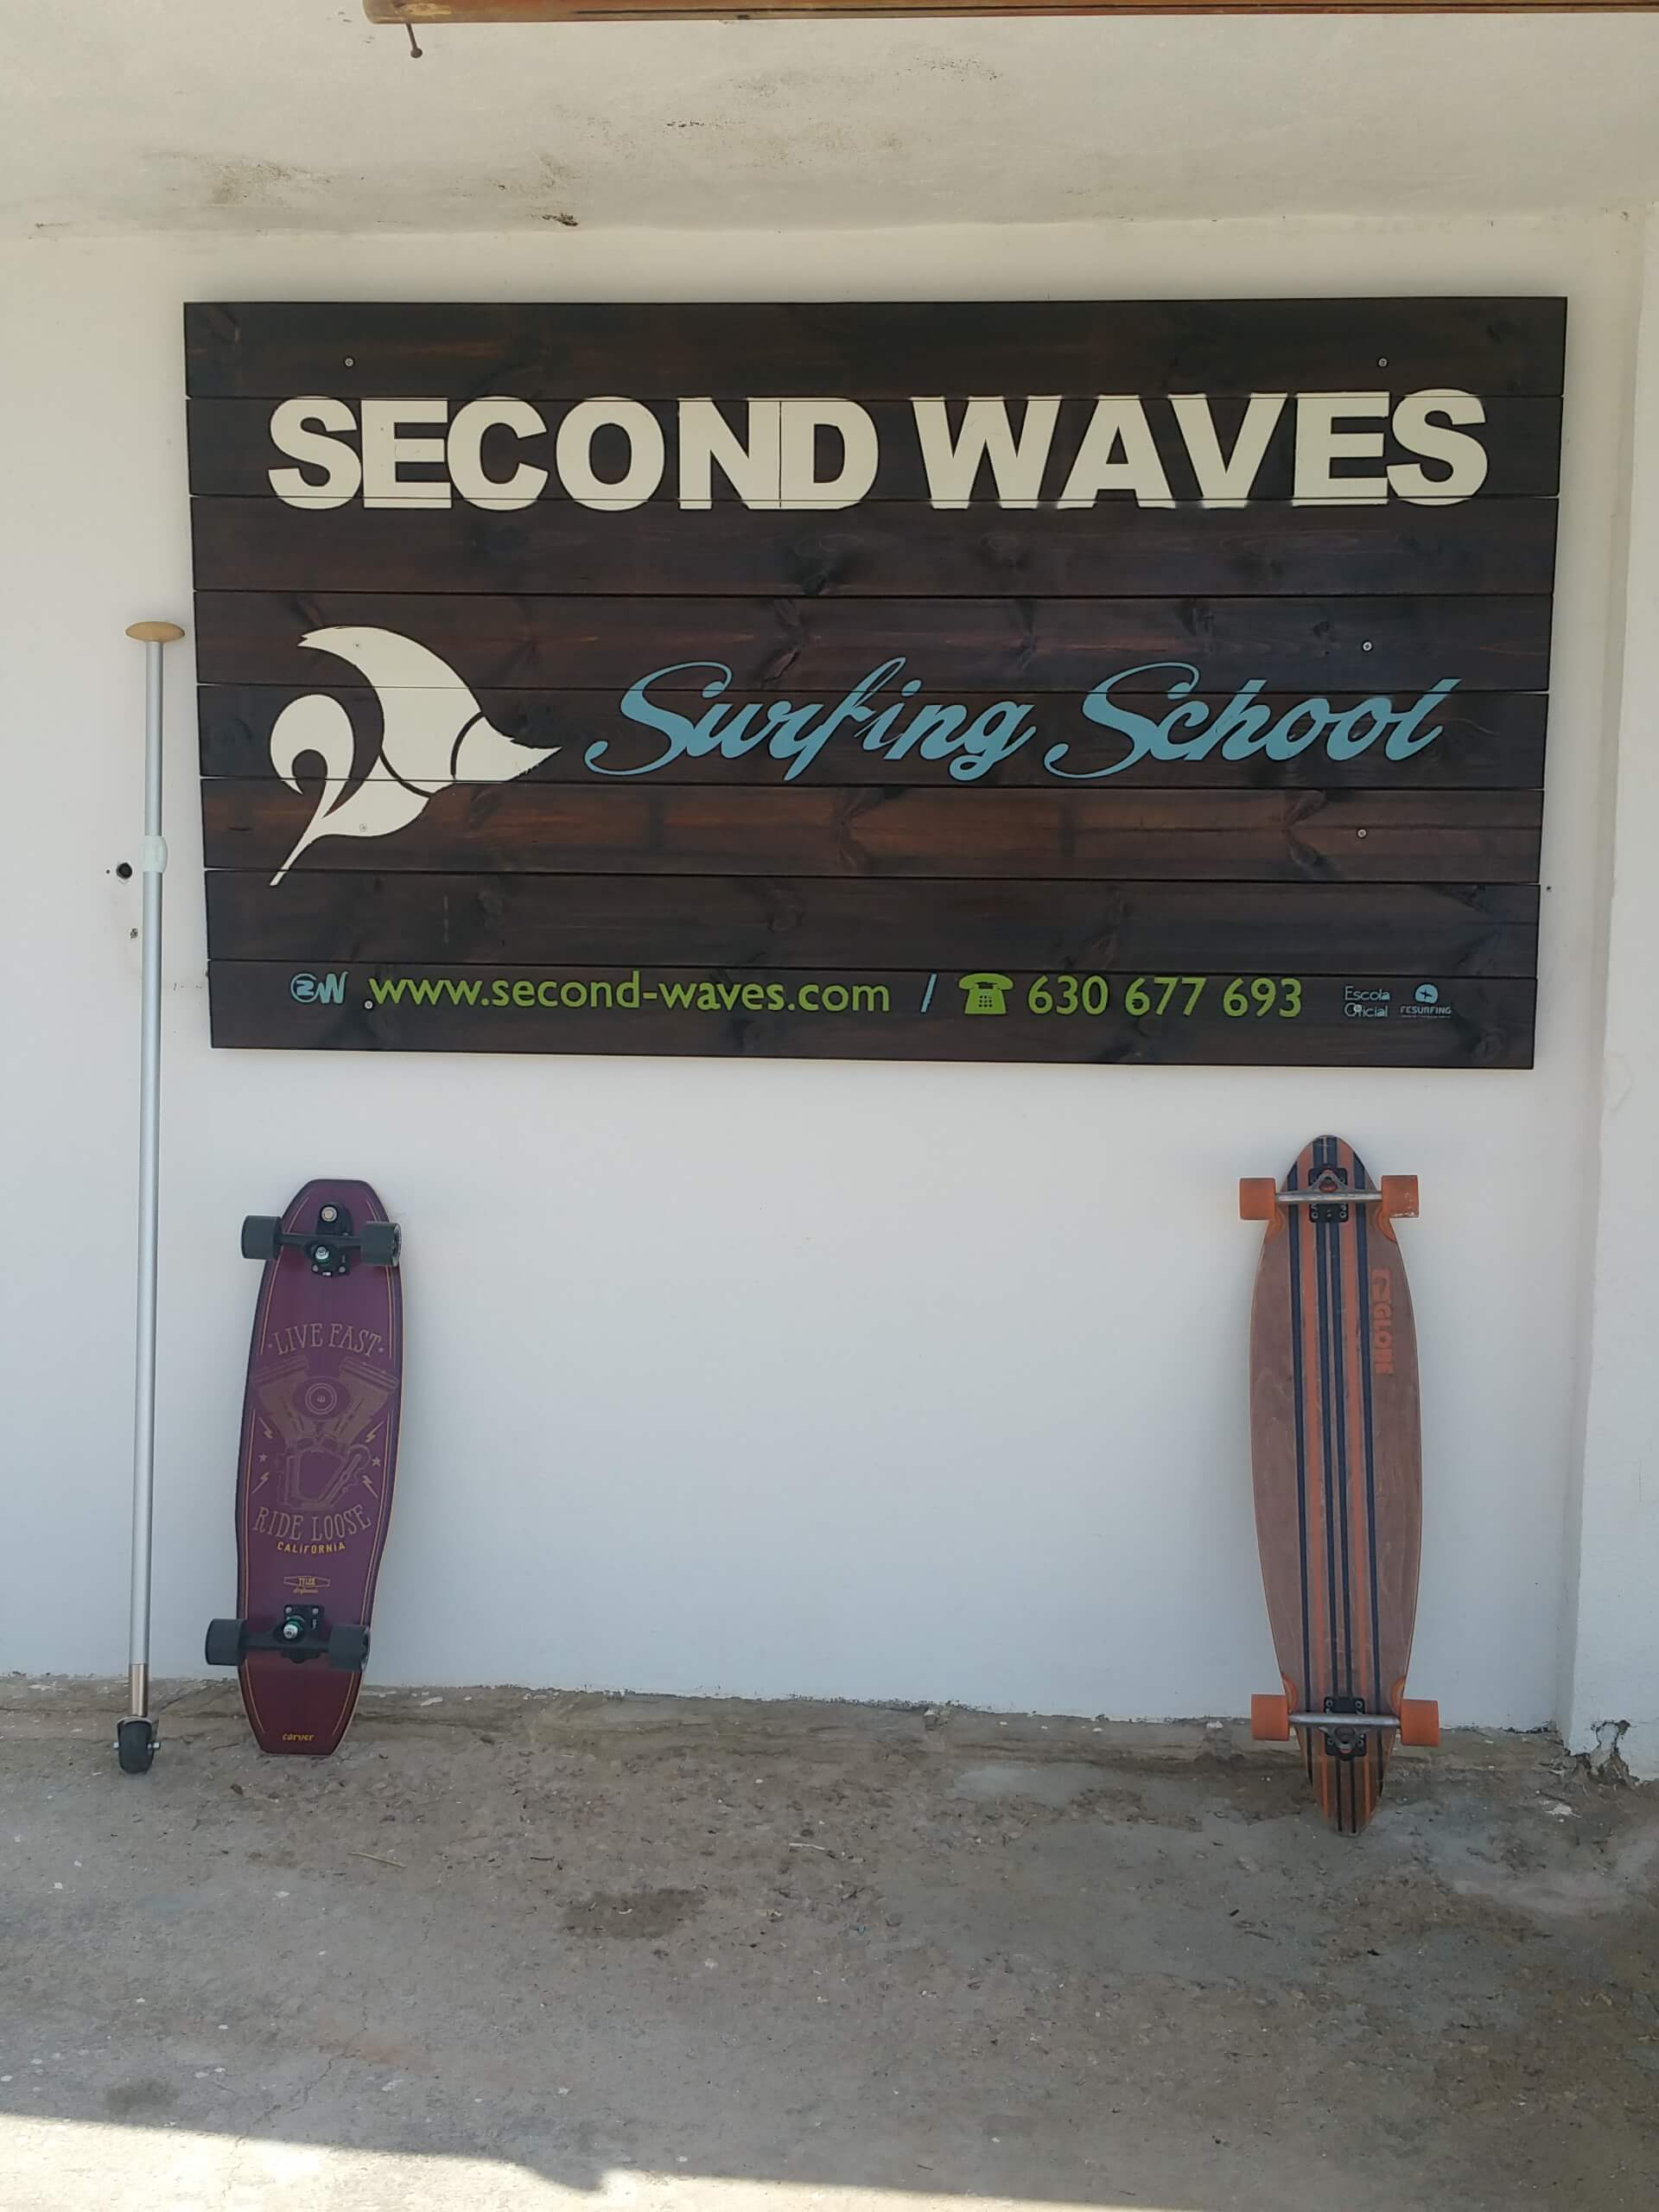 Surfcamp Second Waves Surfing School in Torredembarra, Cataluña, España